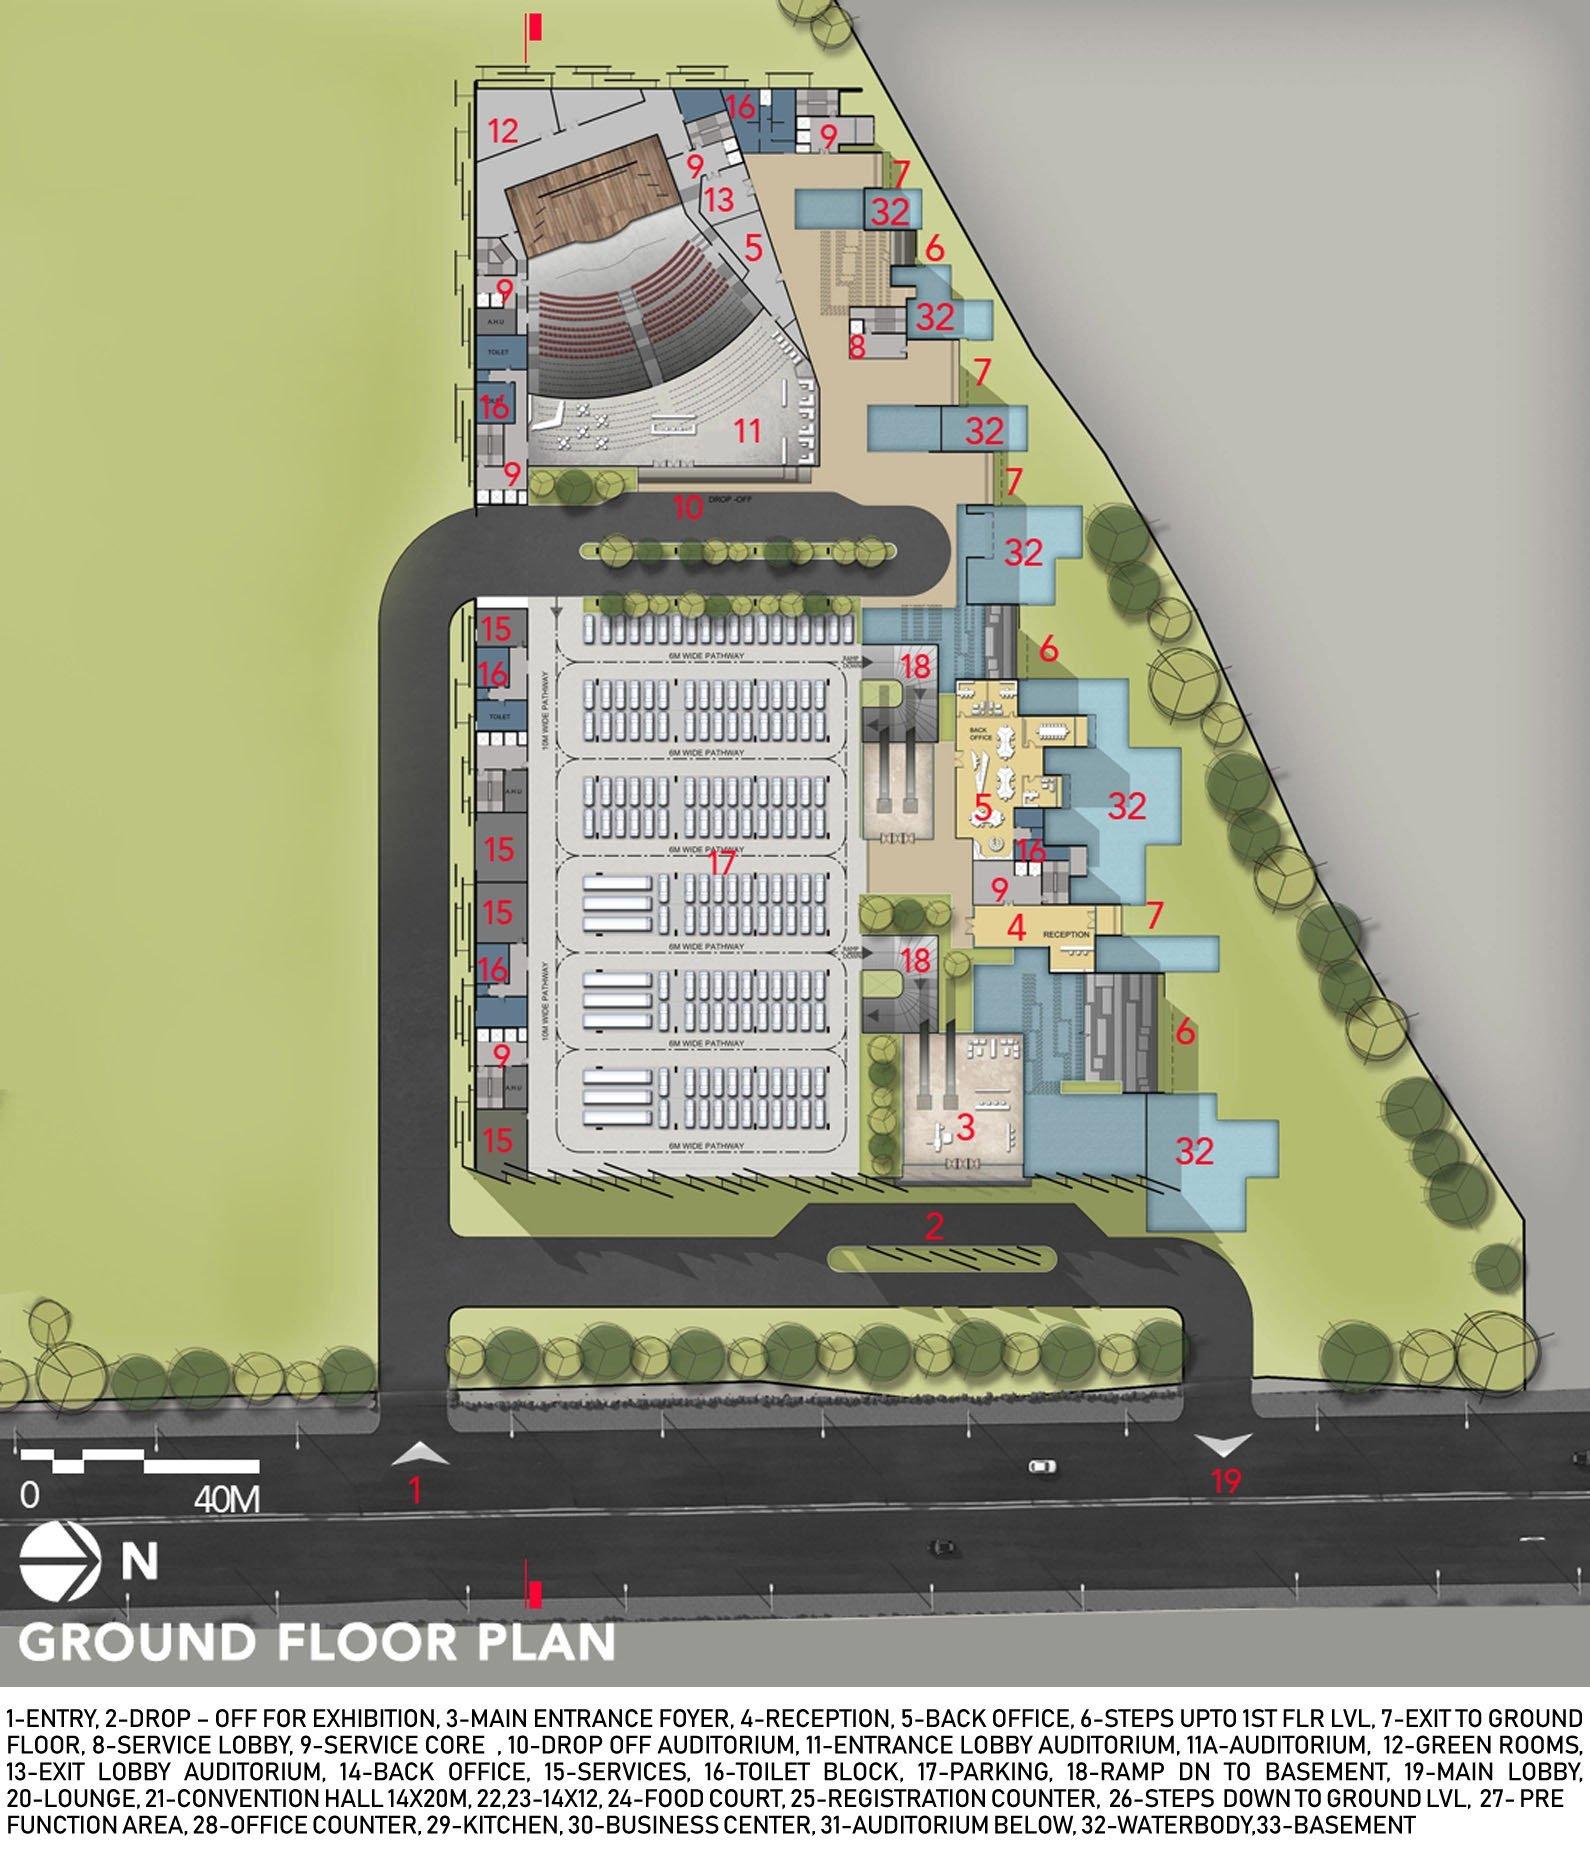 GROUND FLOOR PLAN sanjay puri architects